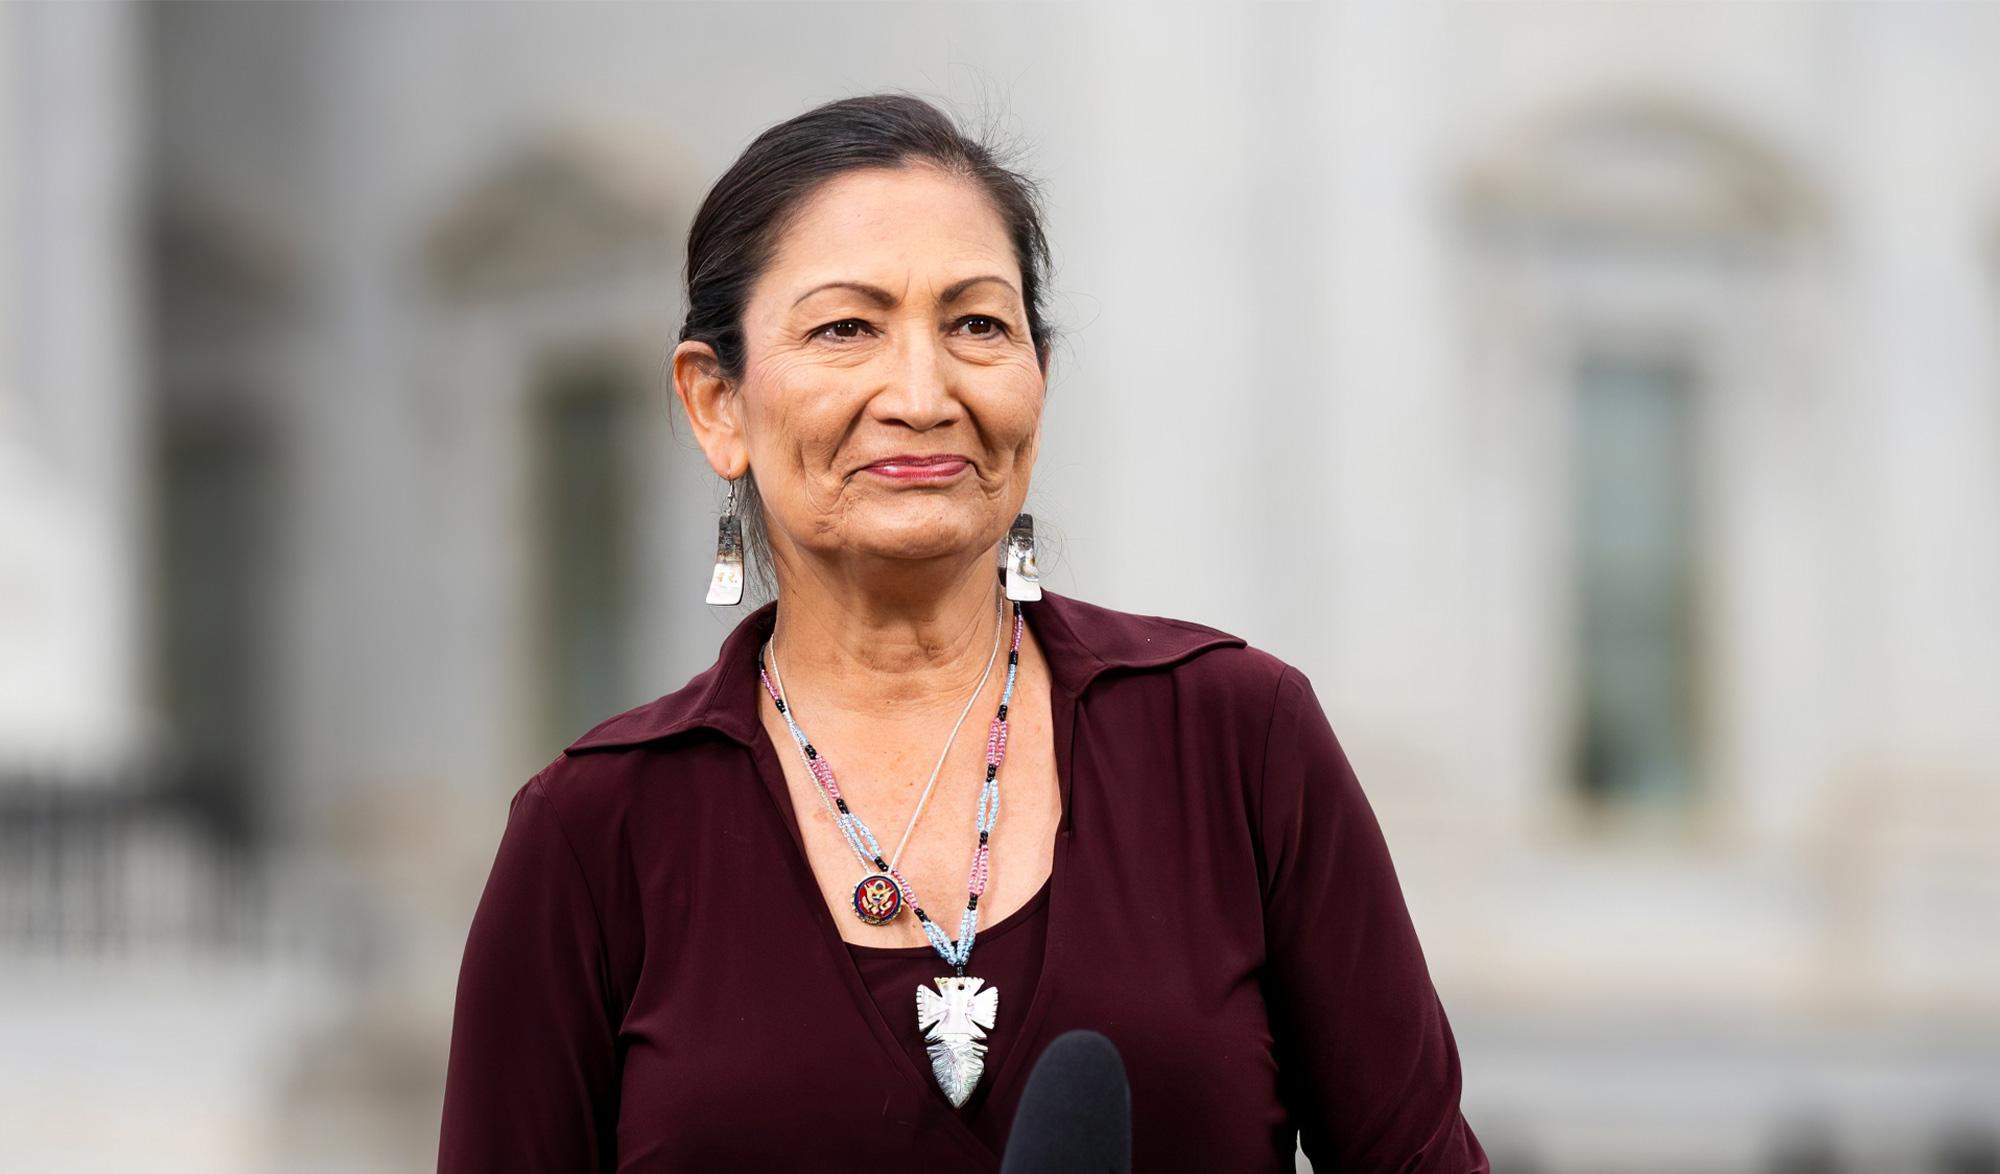 États-Unis : Deb Haaland, la première ministre Amérindienne de l'histoire du pays